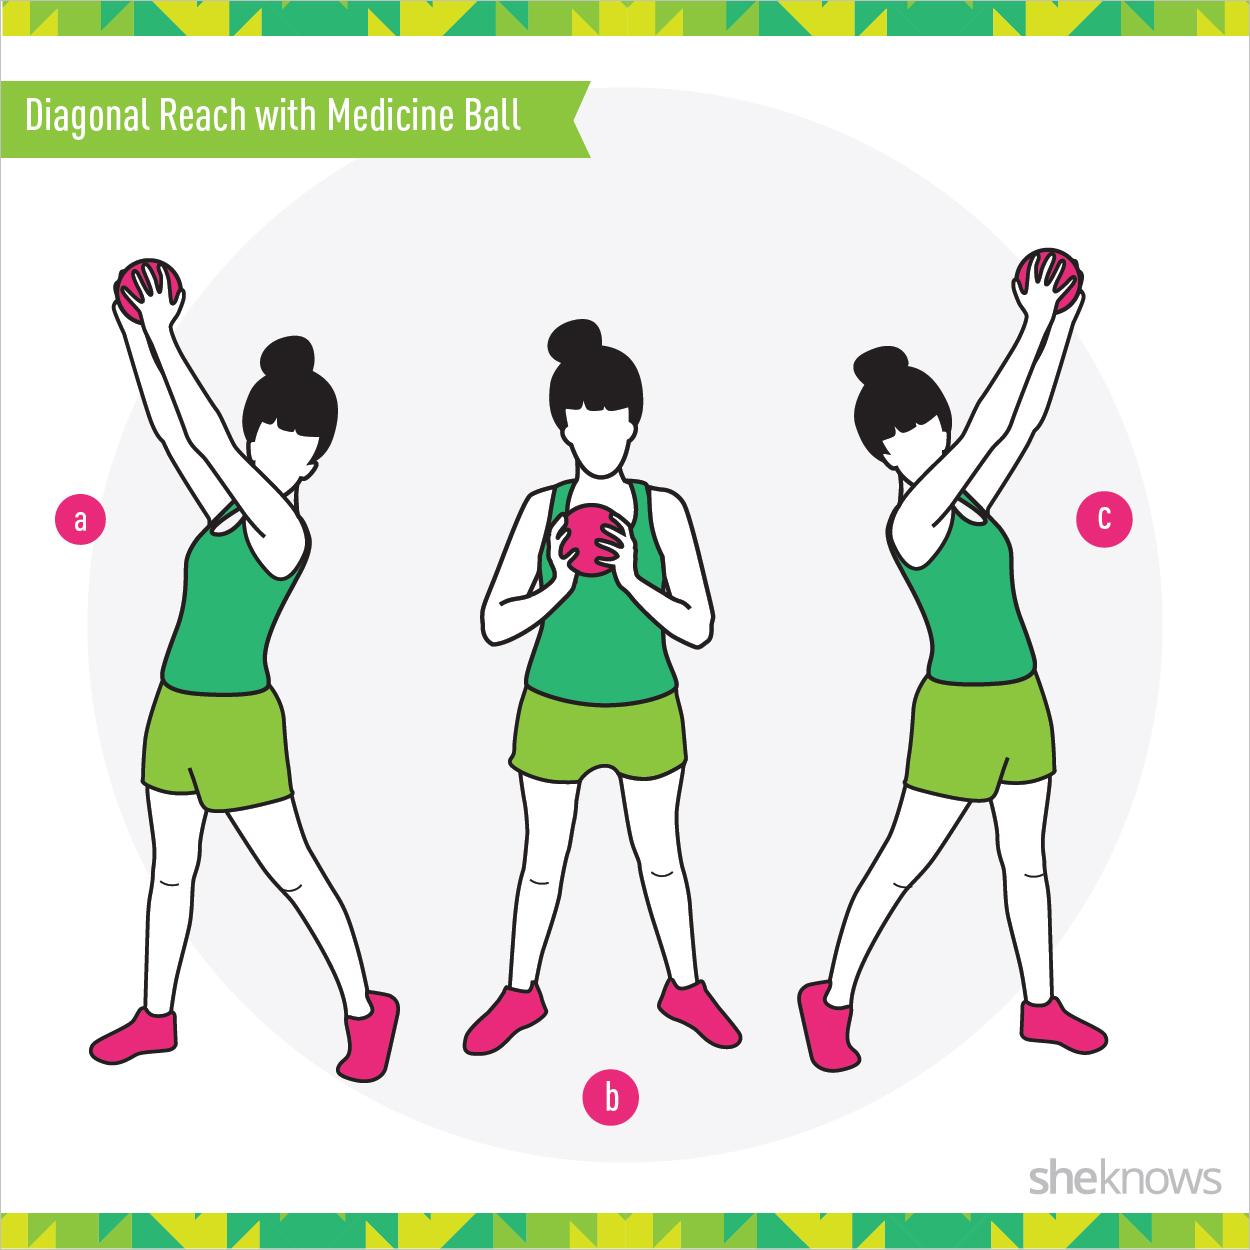 Diagonal Reach with Medicine Ball